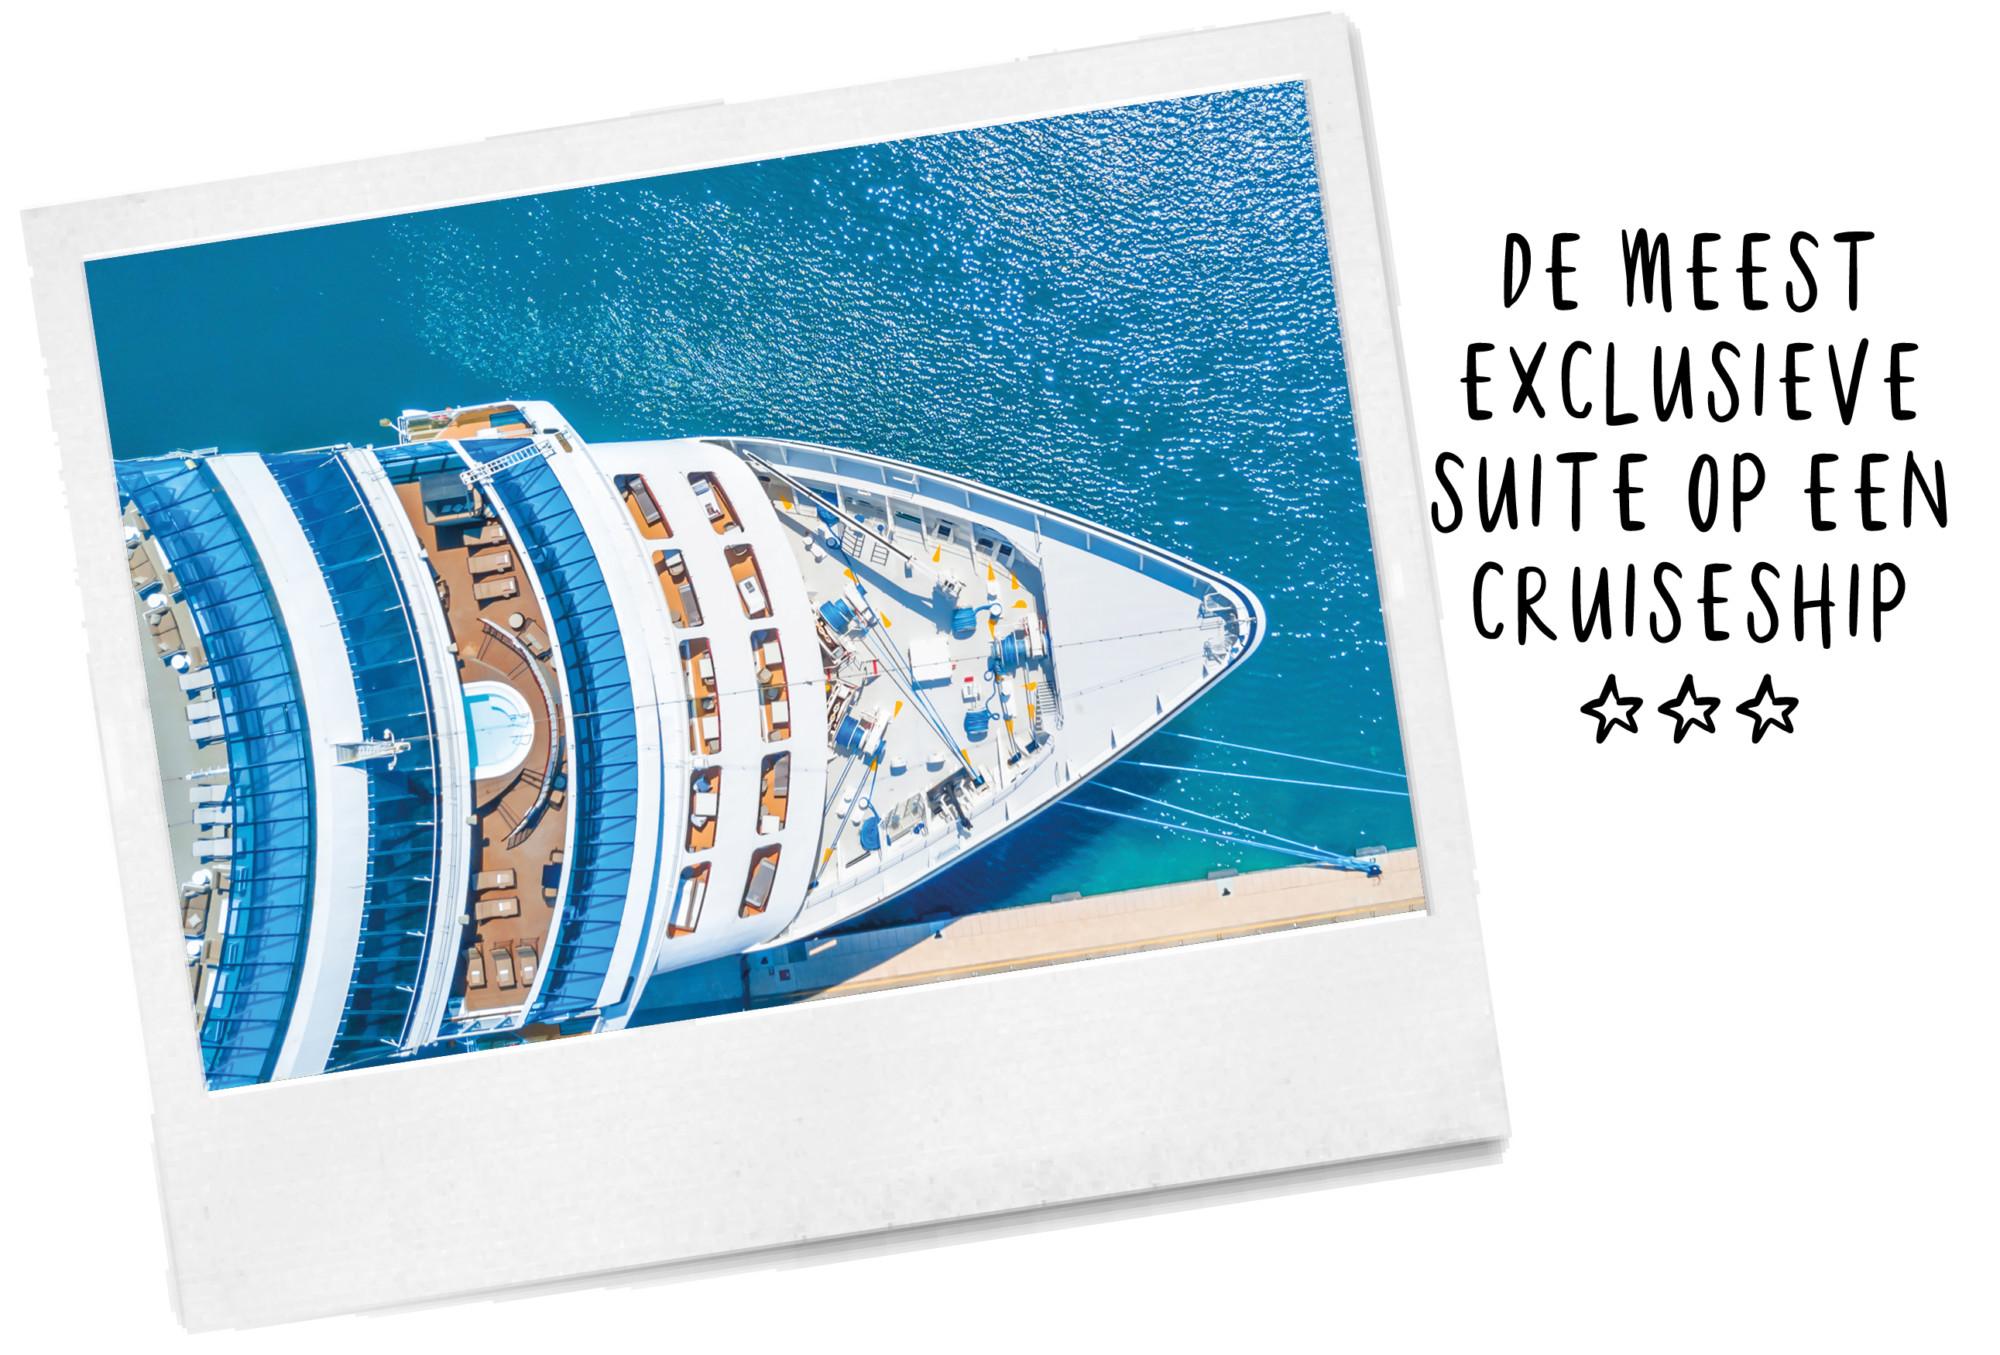 cruise schip